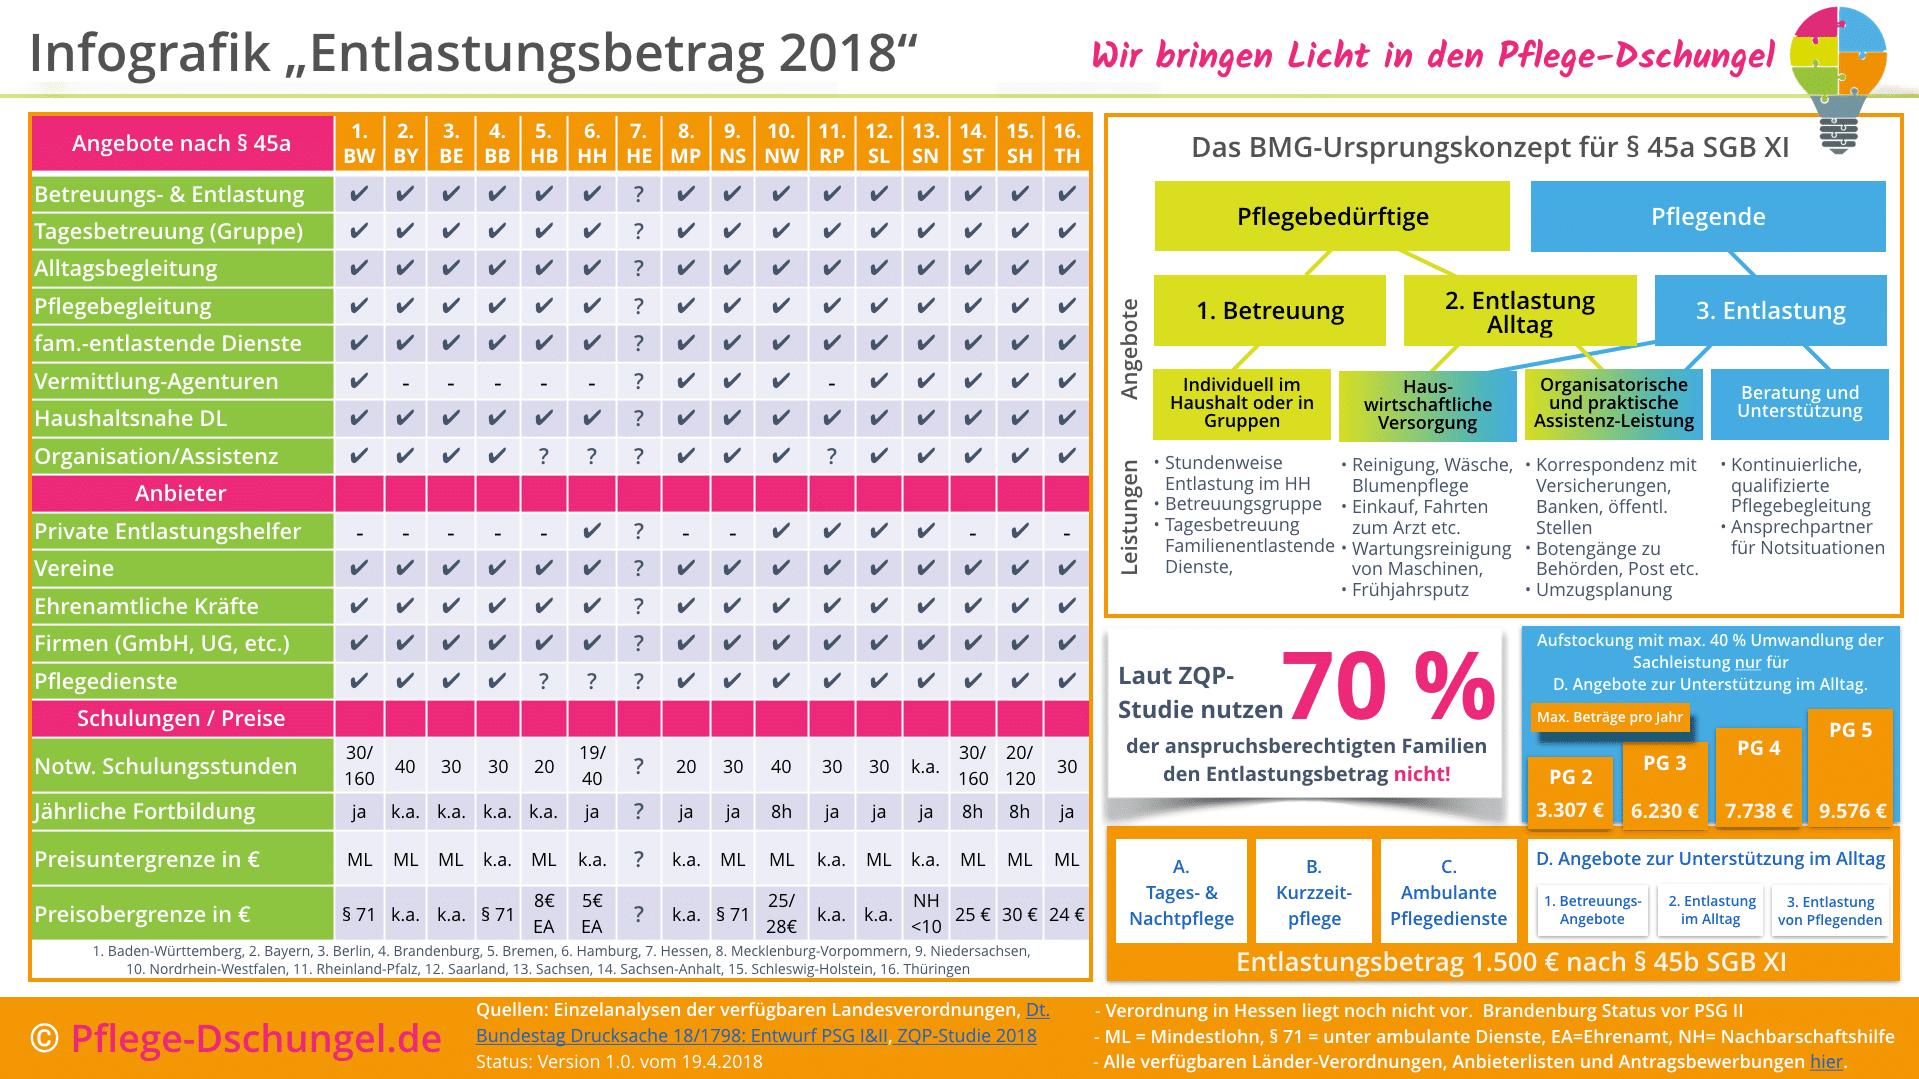 infografik entlastungsbetrag 2018 pflege dschungelde - Beratungsgesprach Pflege Beispiel